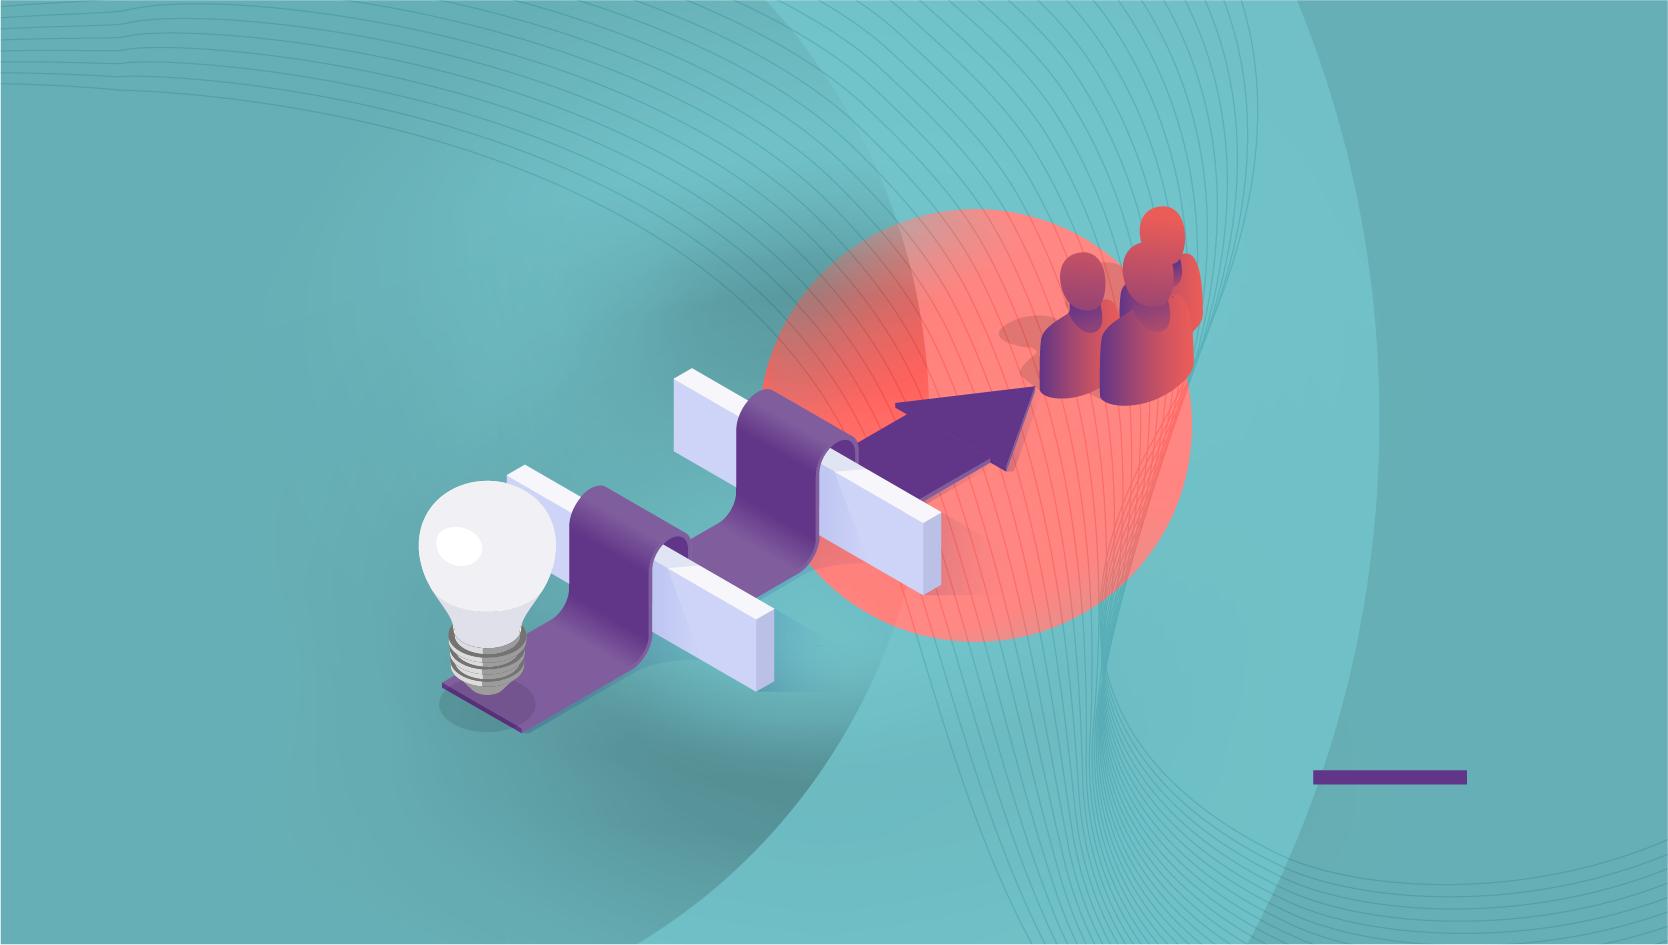 تصميم العروض التقديمية: كيف يمكنك أن تضيف القوة إلى فكرتك